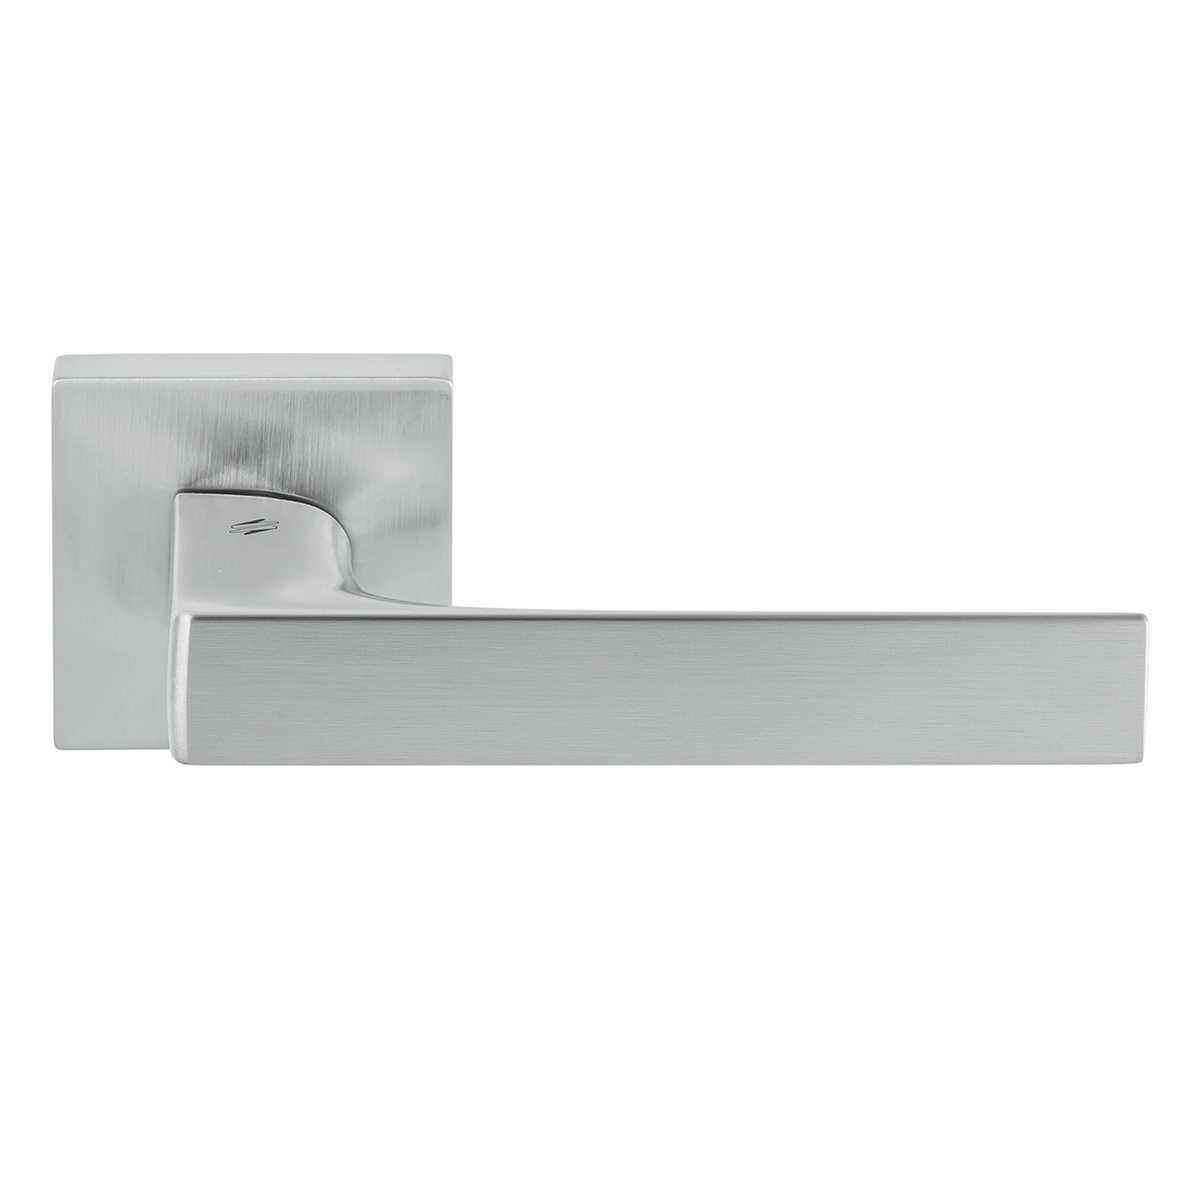 Maniglia per porta Colombo Design Robocinque S ID71 Cromat Foto 1